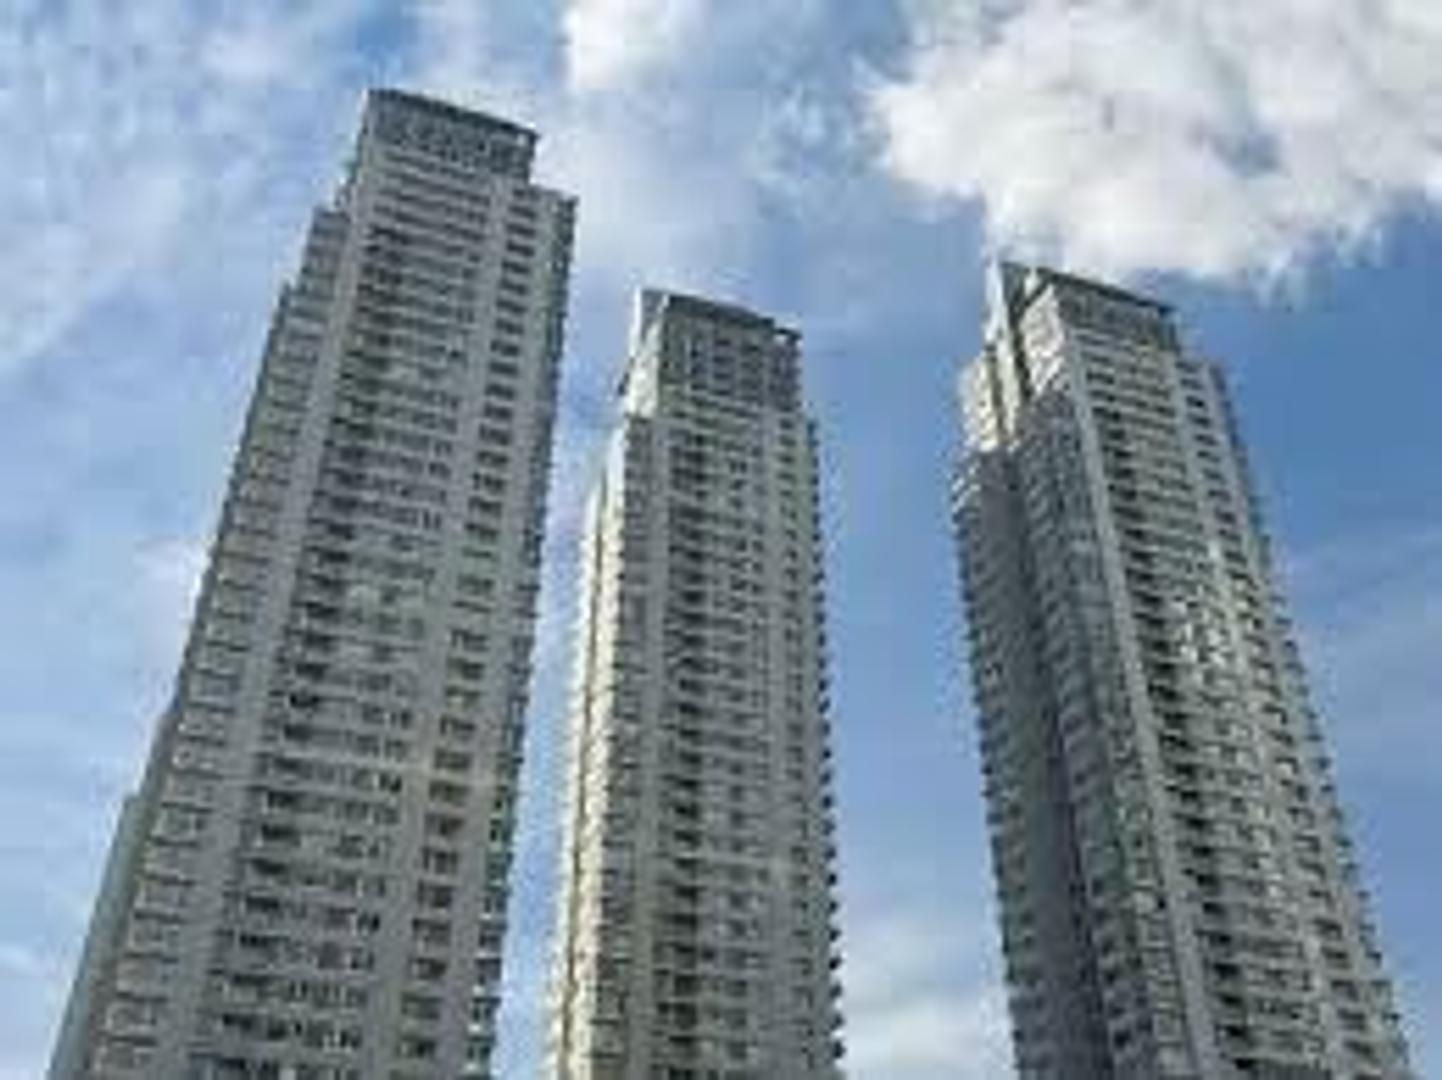 Precioso departamento, torre parque. Piso alto. Coch y baul. Regias visuales